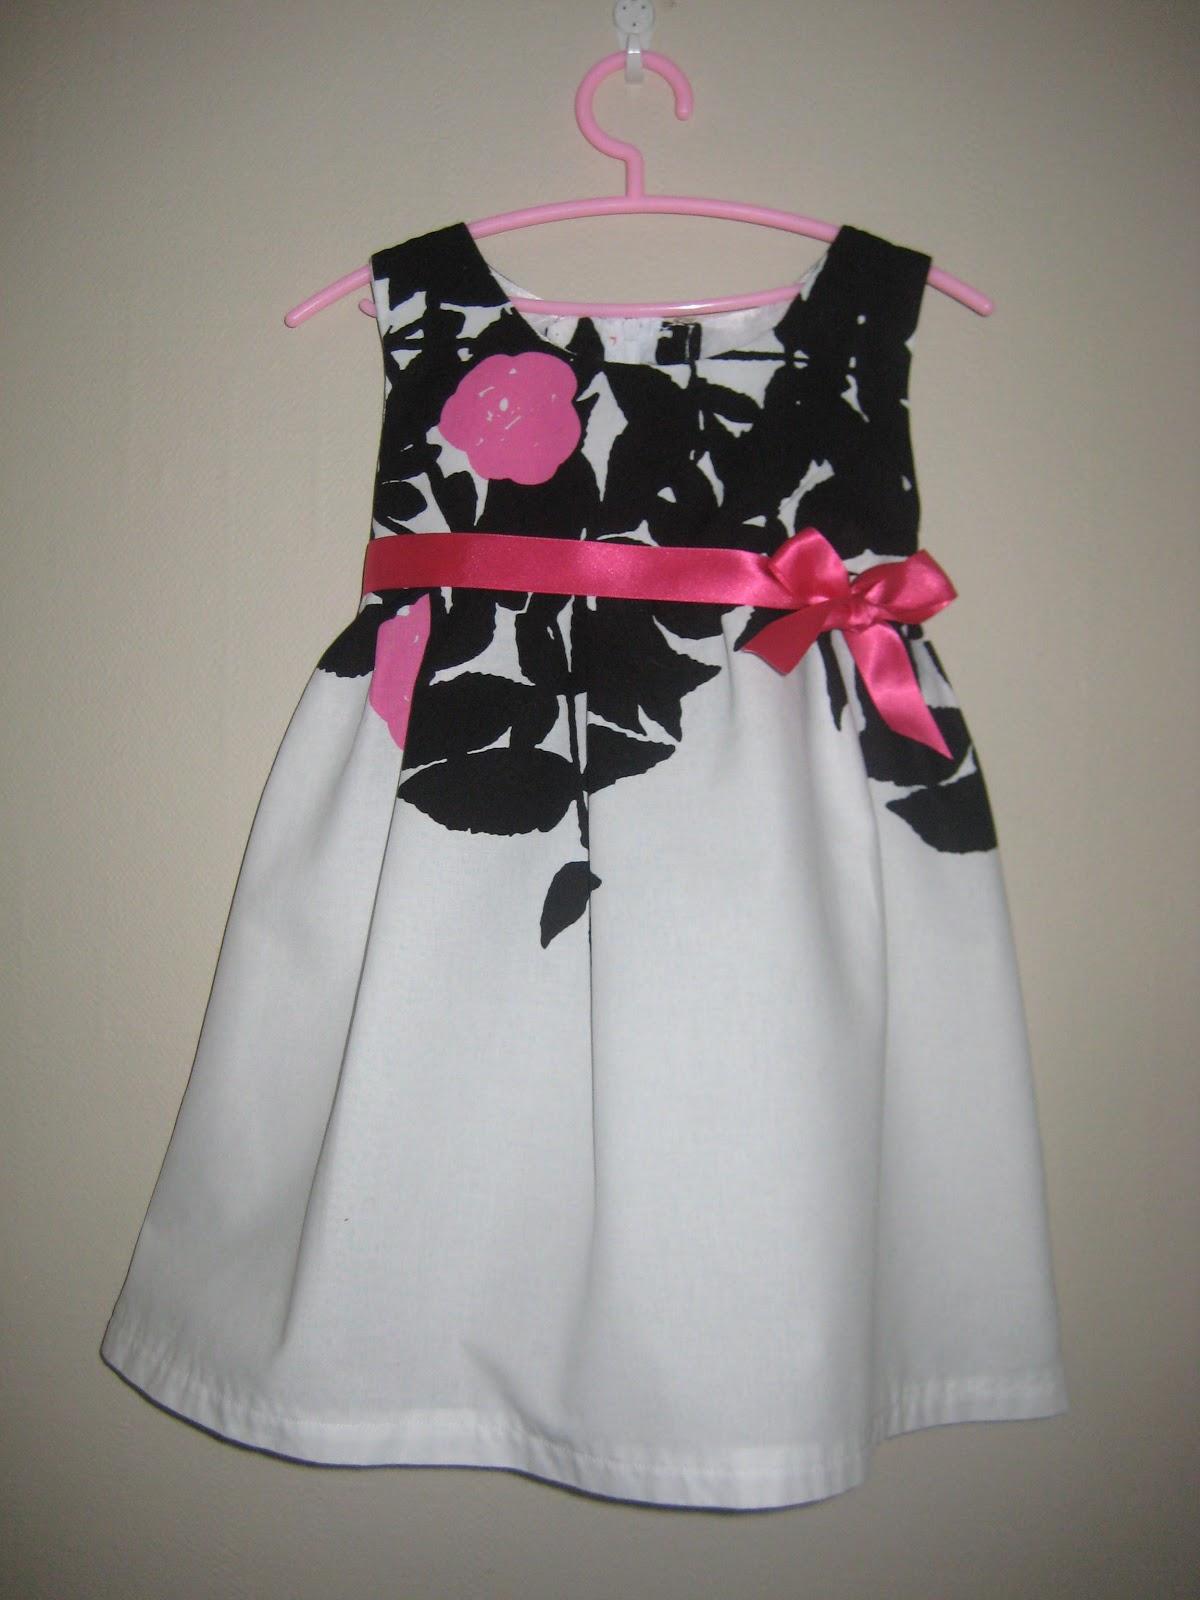 Mietteissä oli ollut pitkään saada valmistaa tyttärelle mekko 2-vuotis  synttäreille. Ja Marimekon Ruusupuu-kangasta olen ihaillut pitkään. 9e26569c38